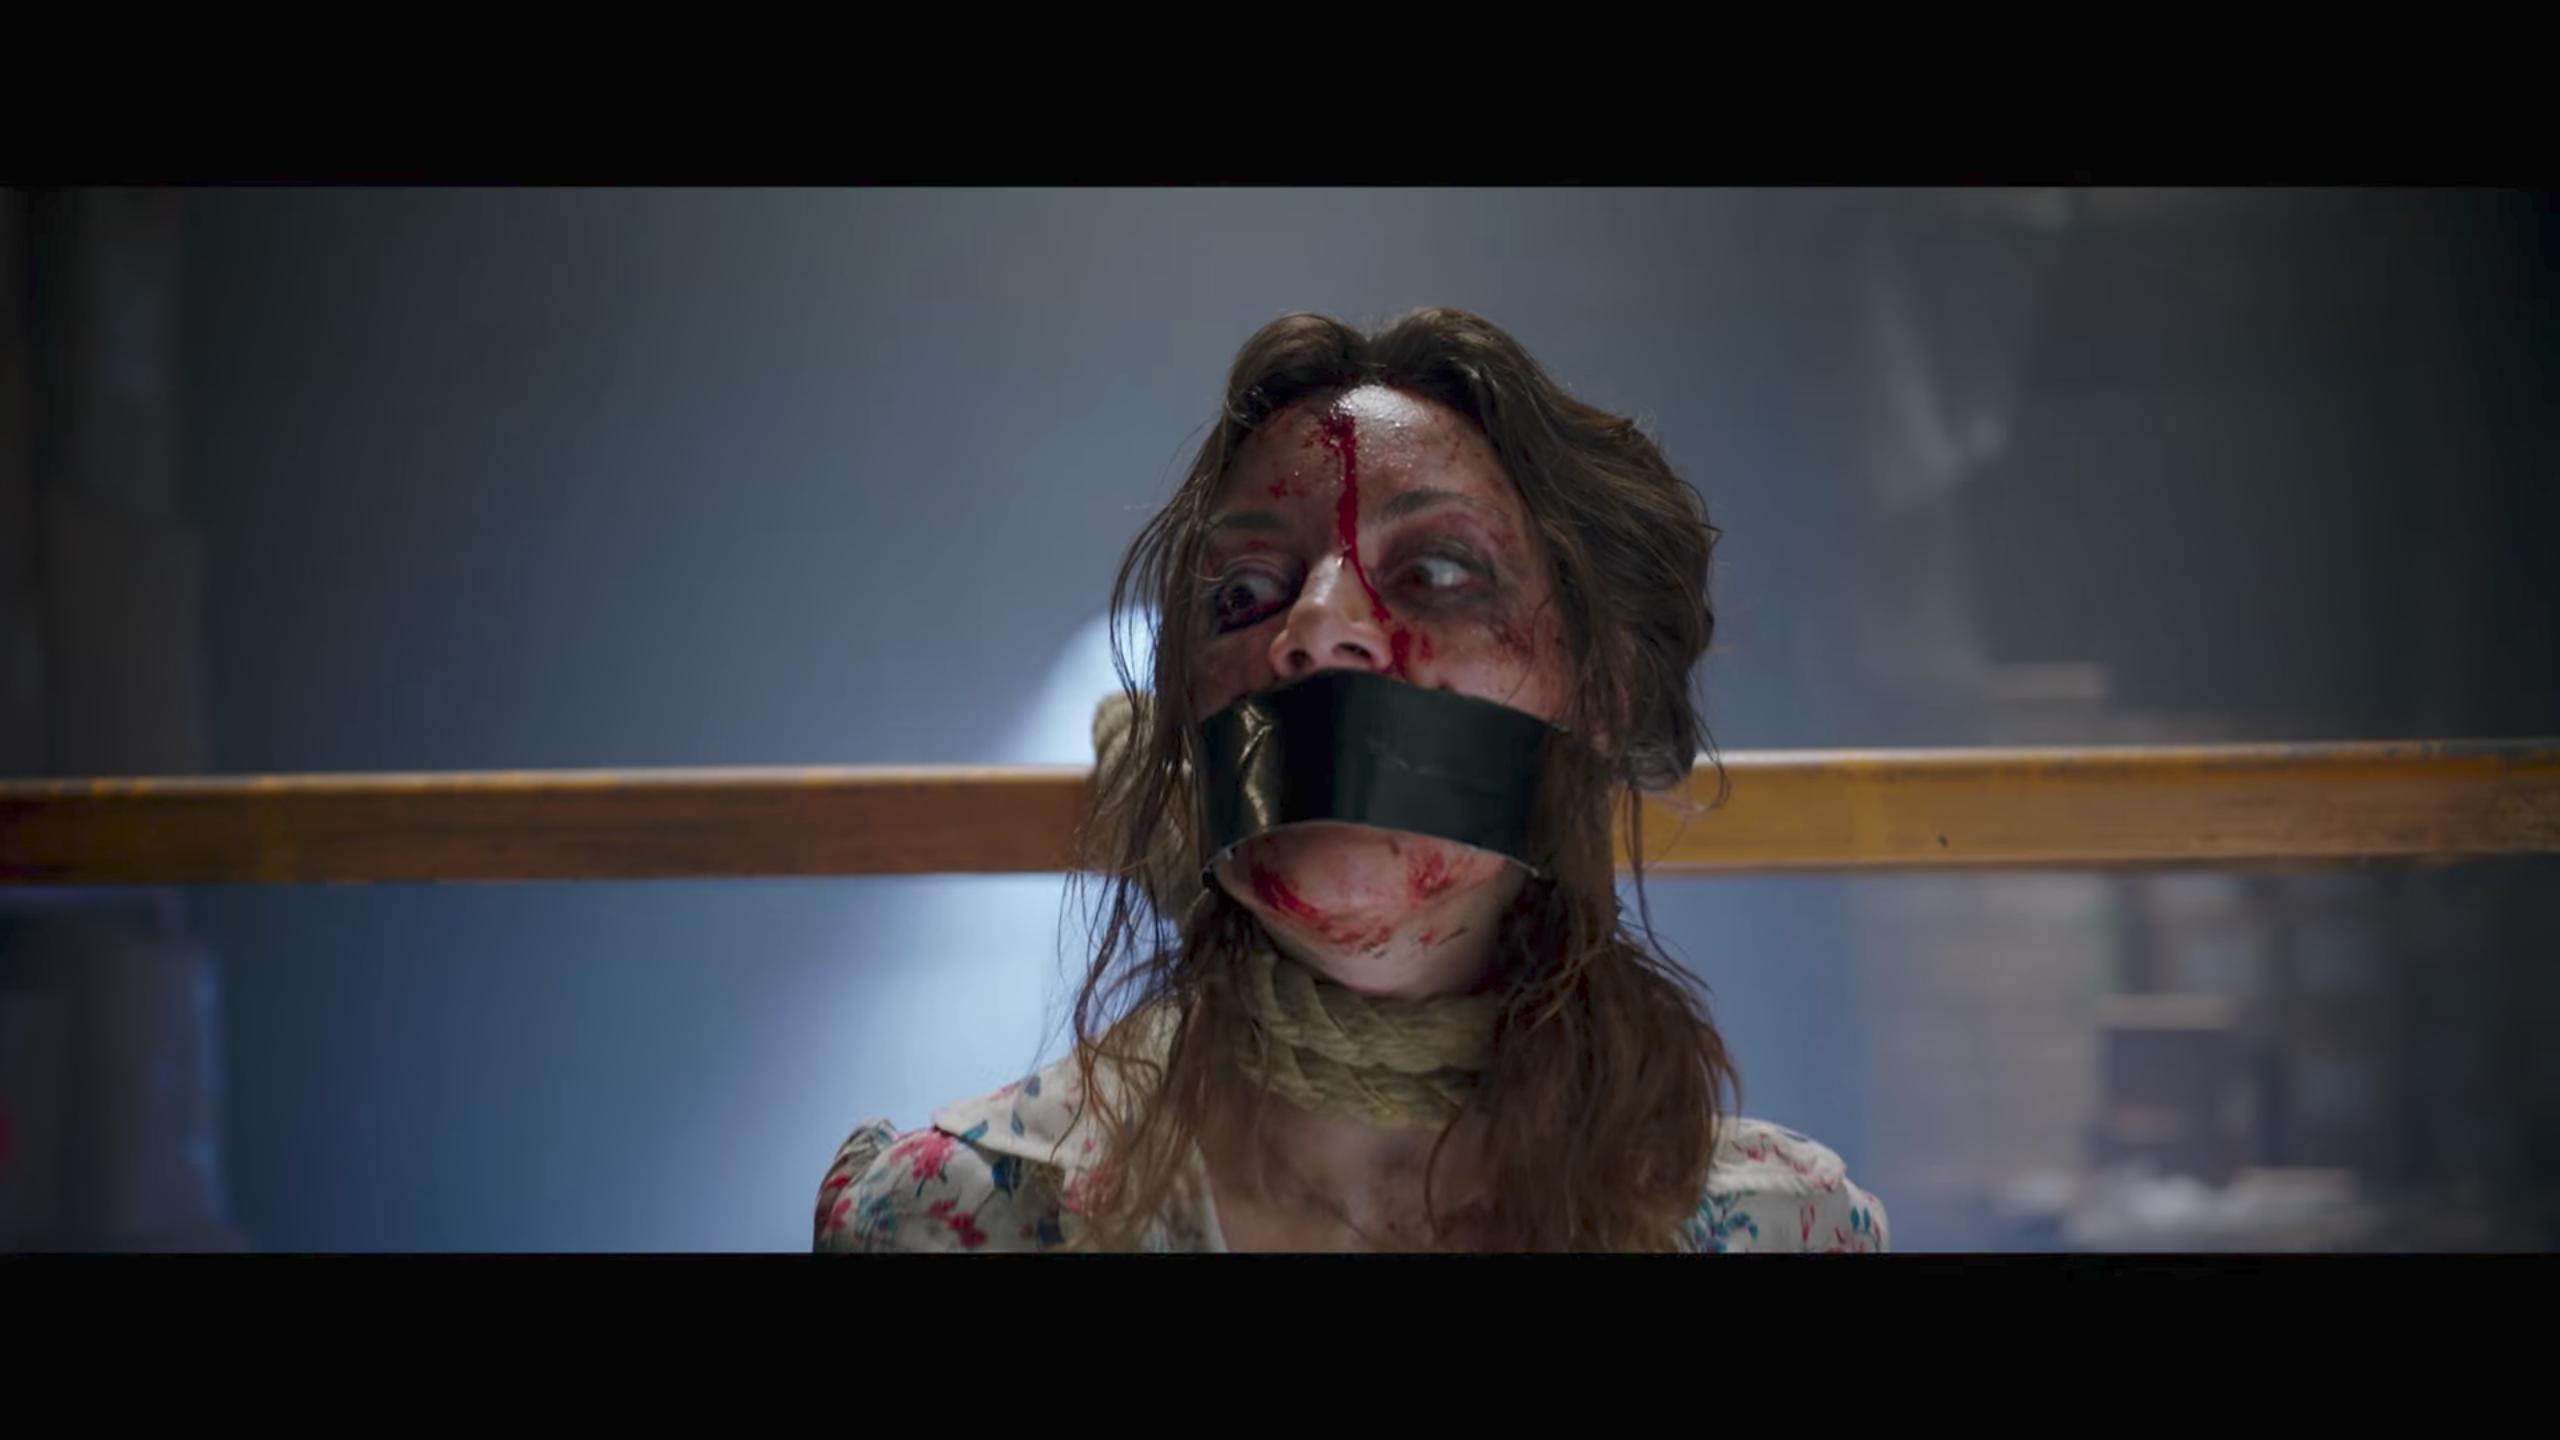 El reboot de Child's Play revela primer tráiler completo con Chucky